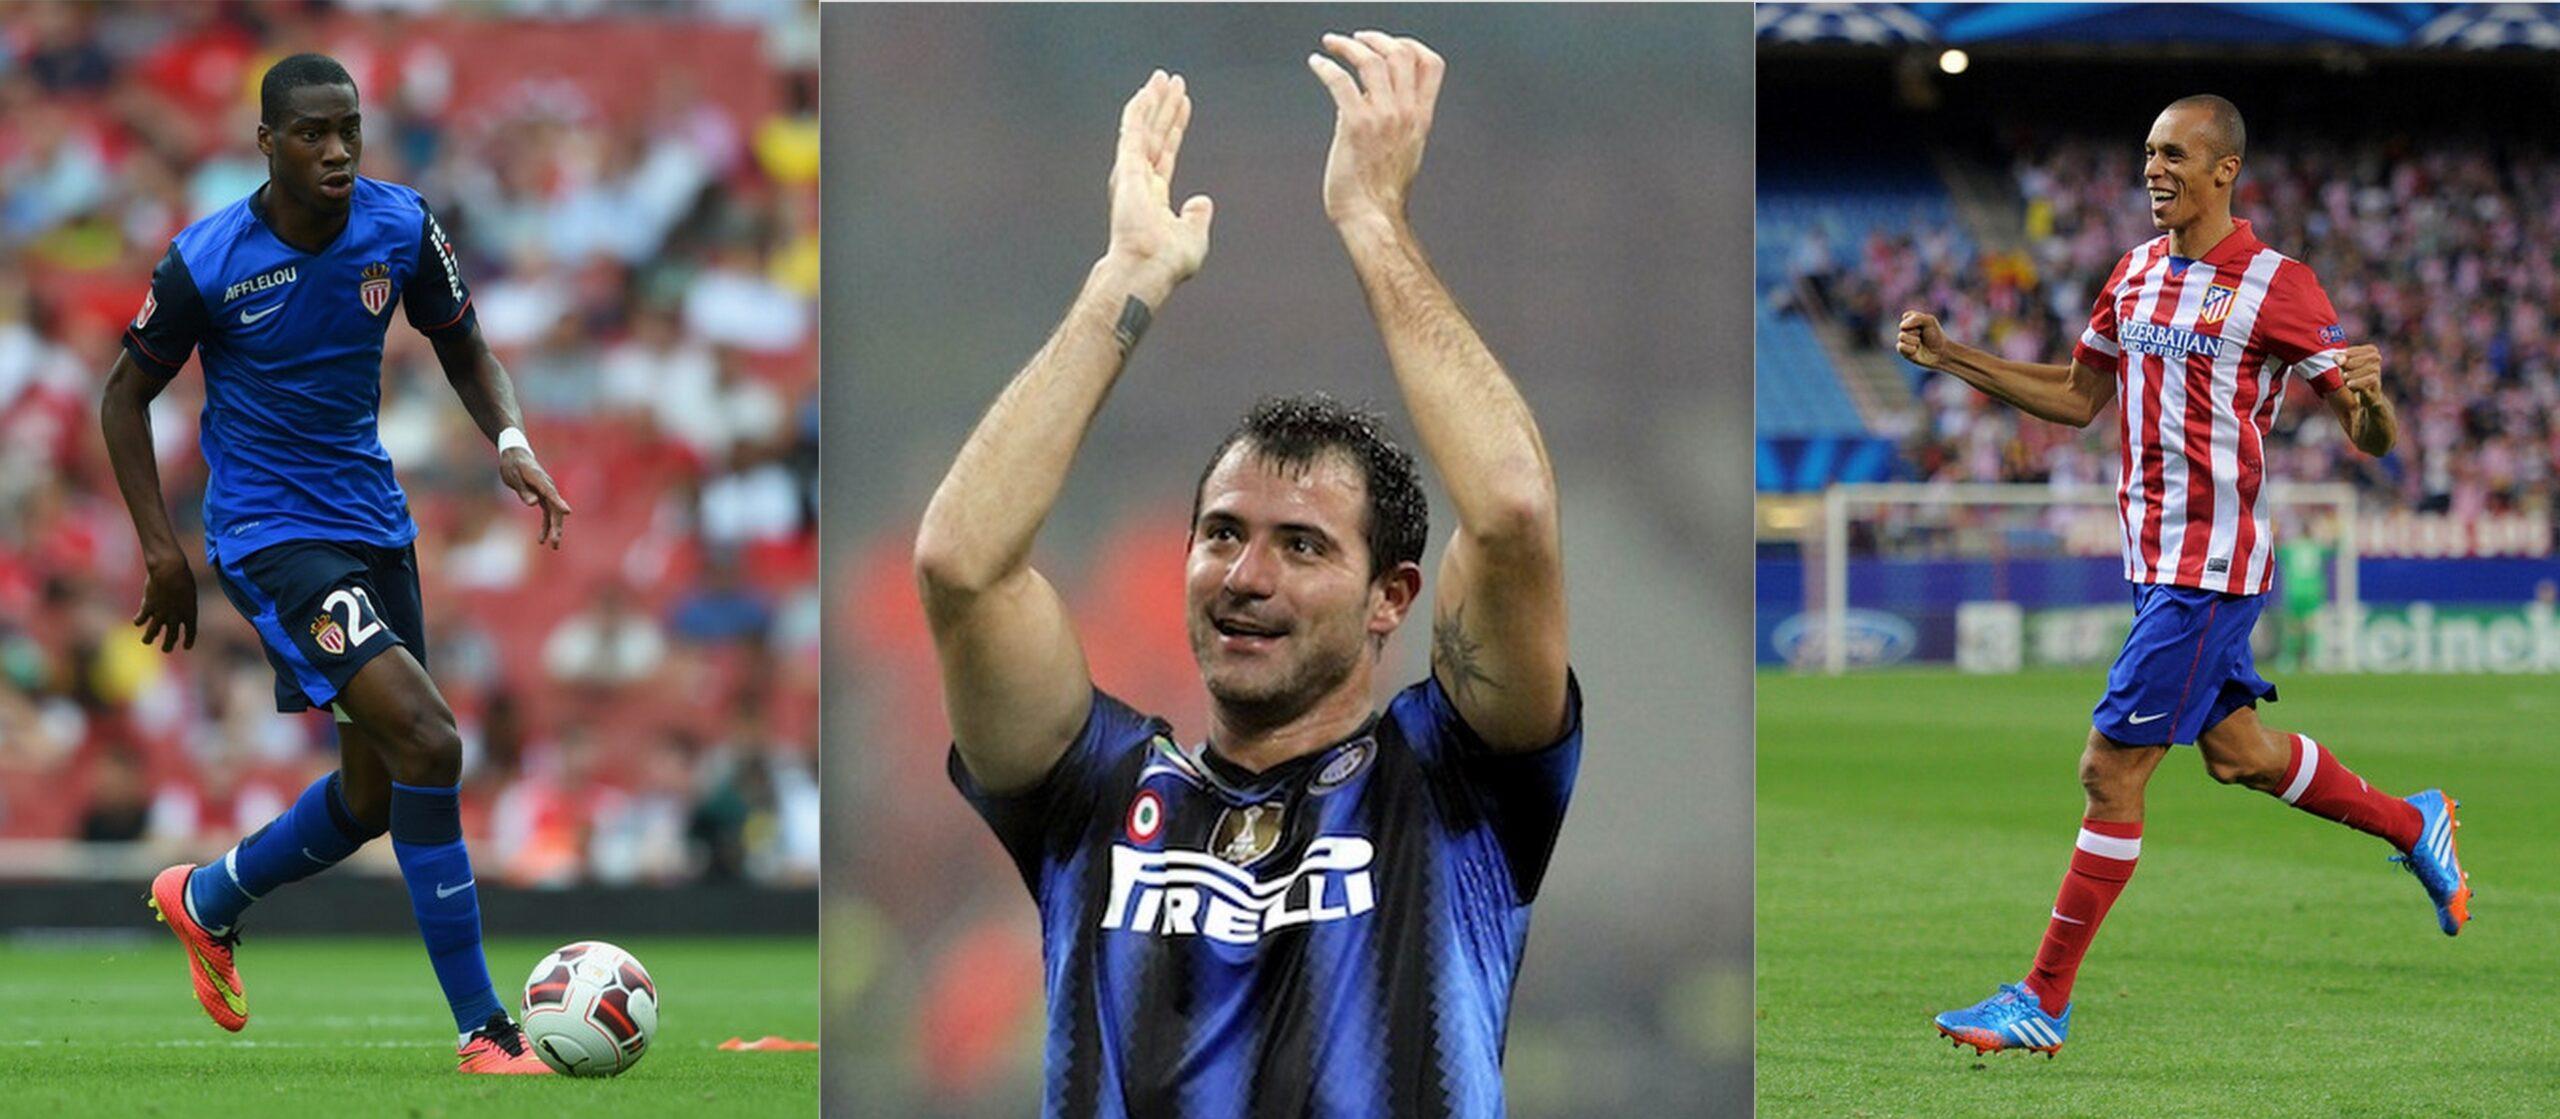 Kondogbia, Miranda e Stankovic protagonisti dei temi caldi in casa Inter